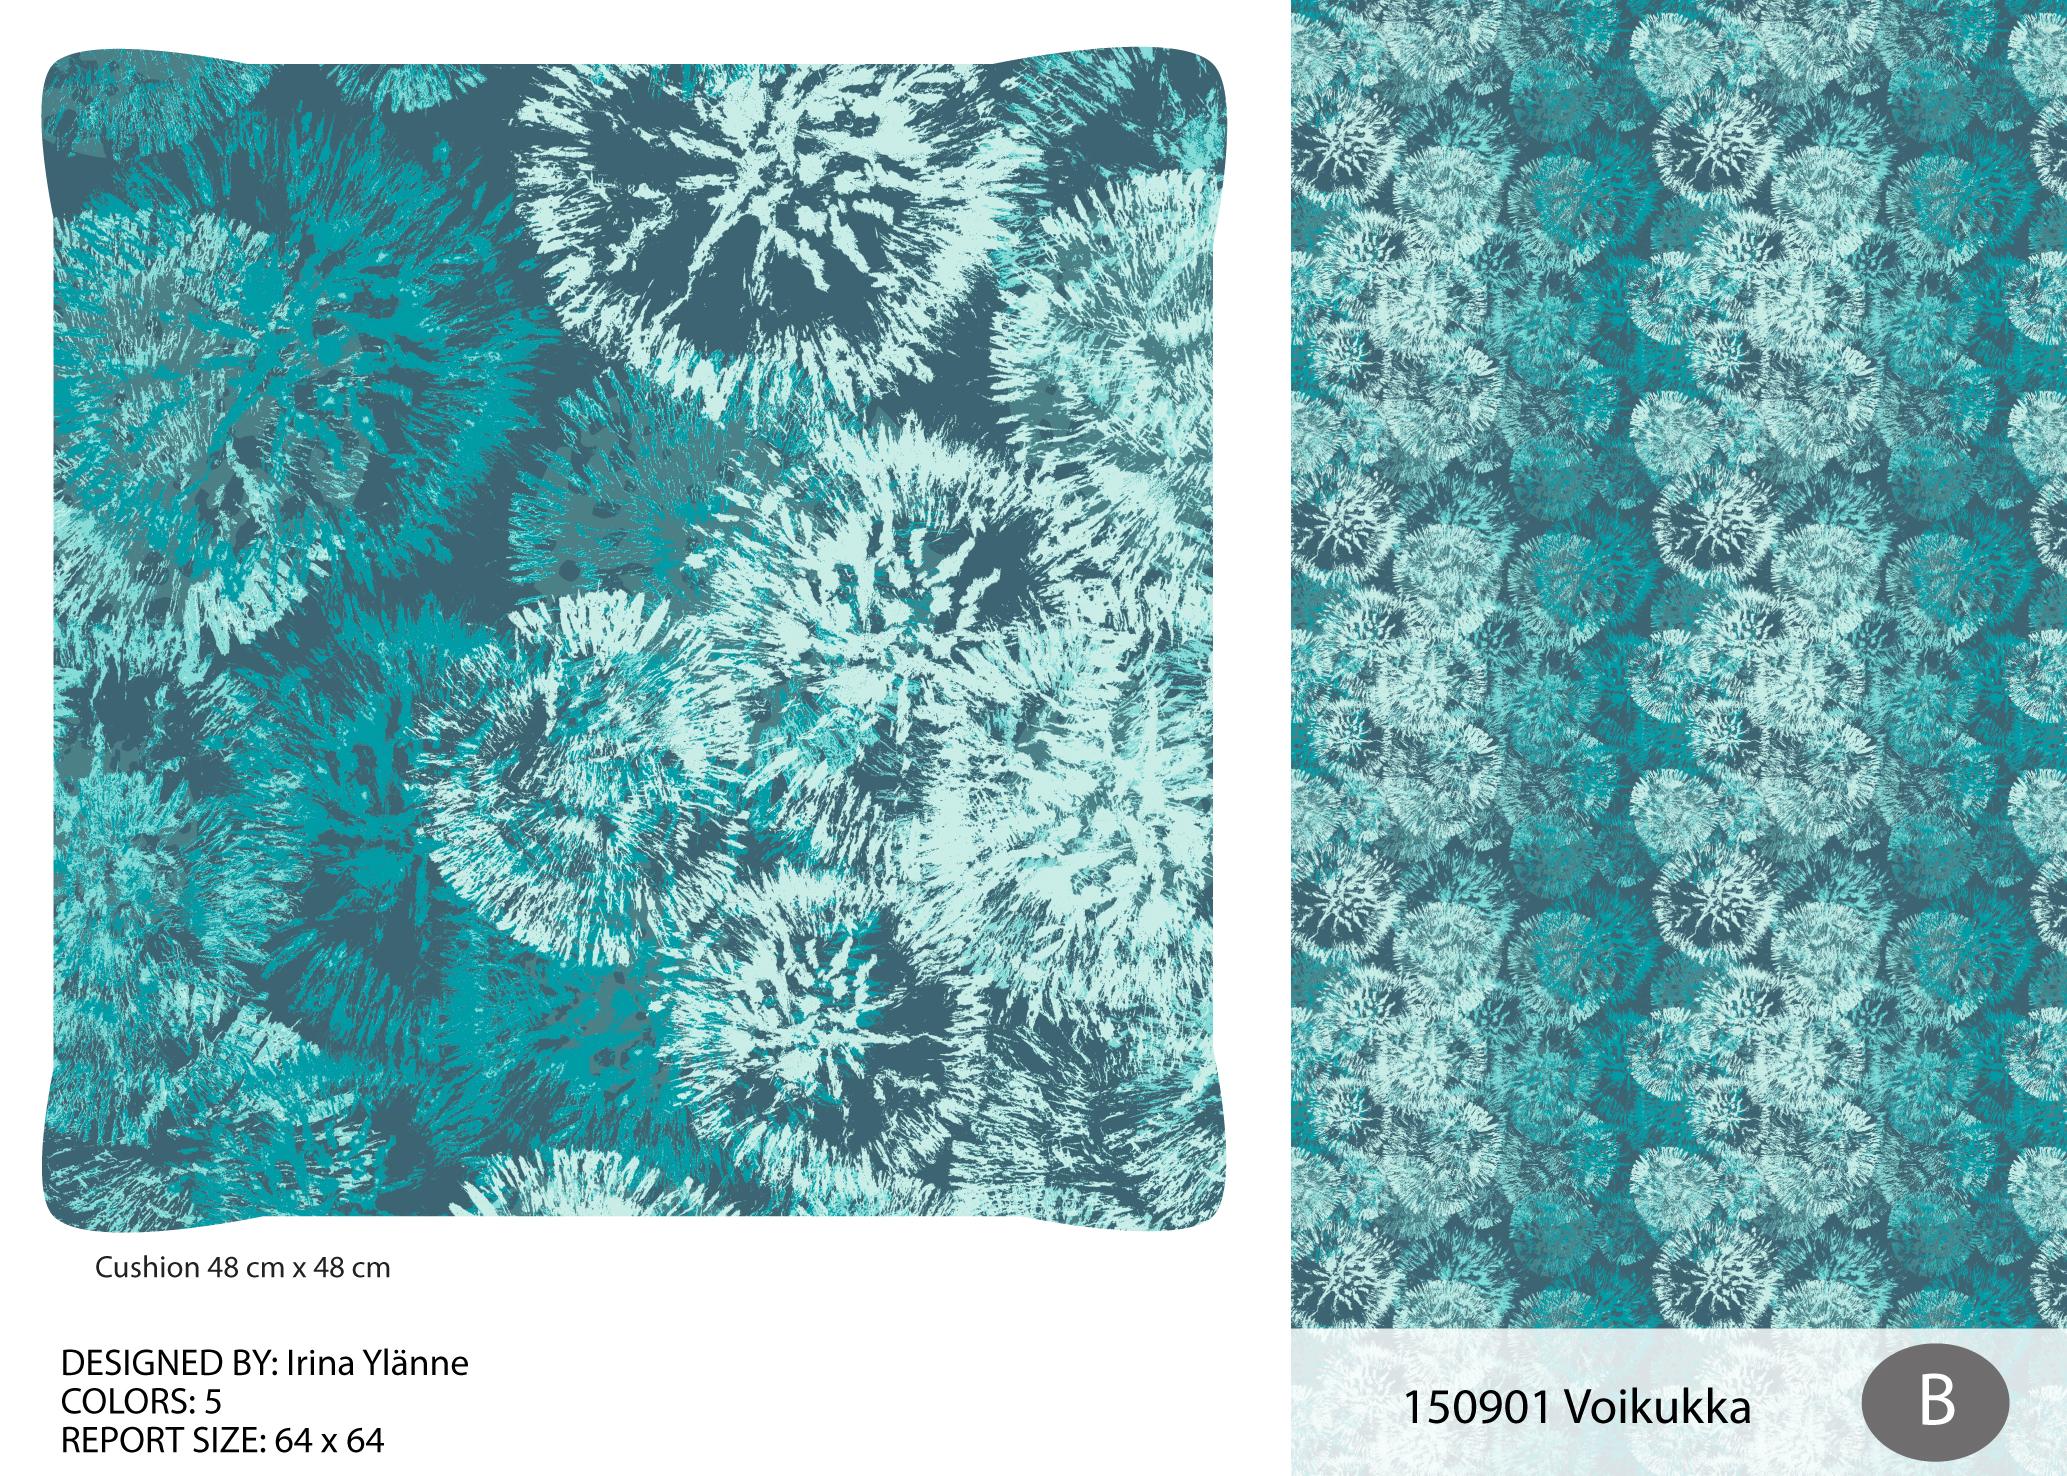 irina_150901 Voikukka-05